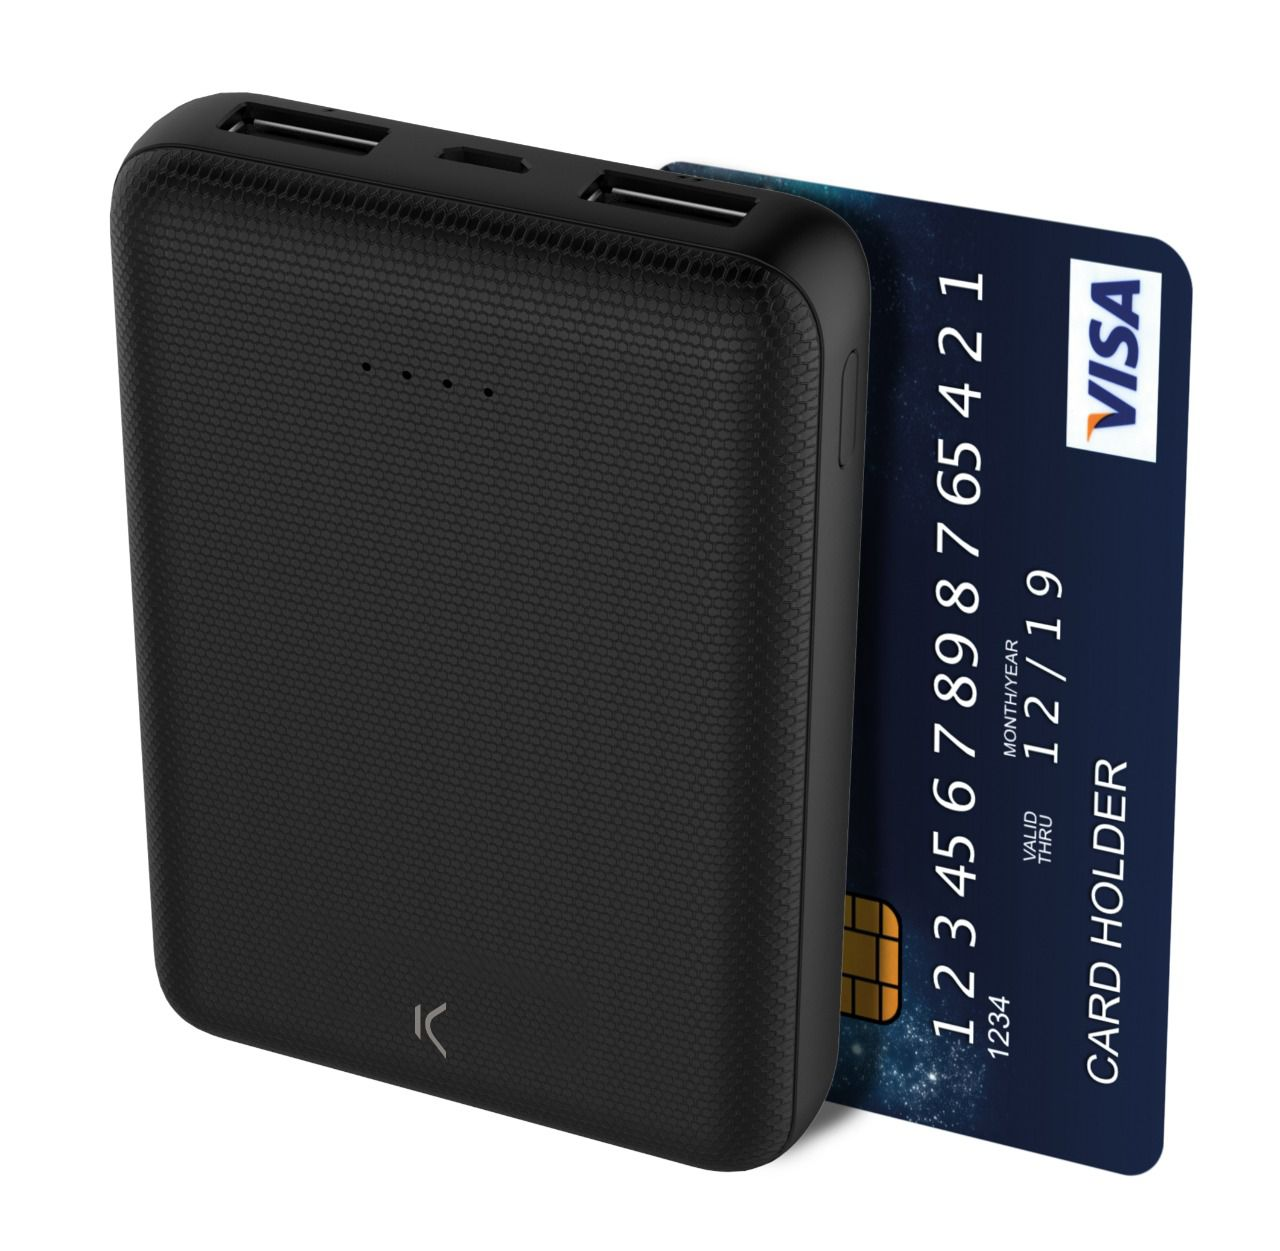 Llegan a IFA las novedades de Ksix Mobile | Imagenacion